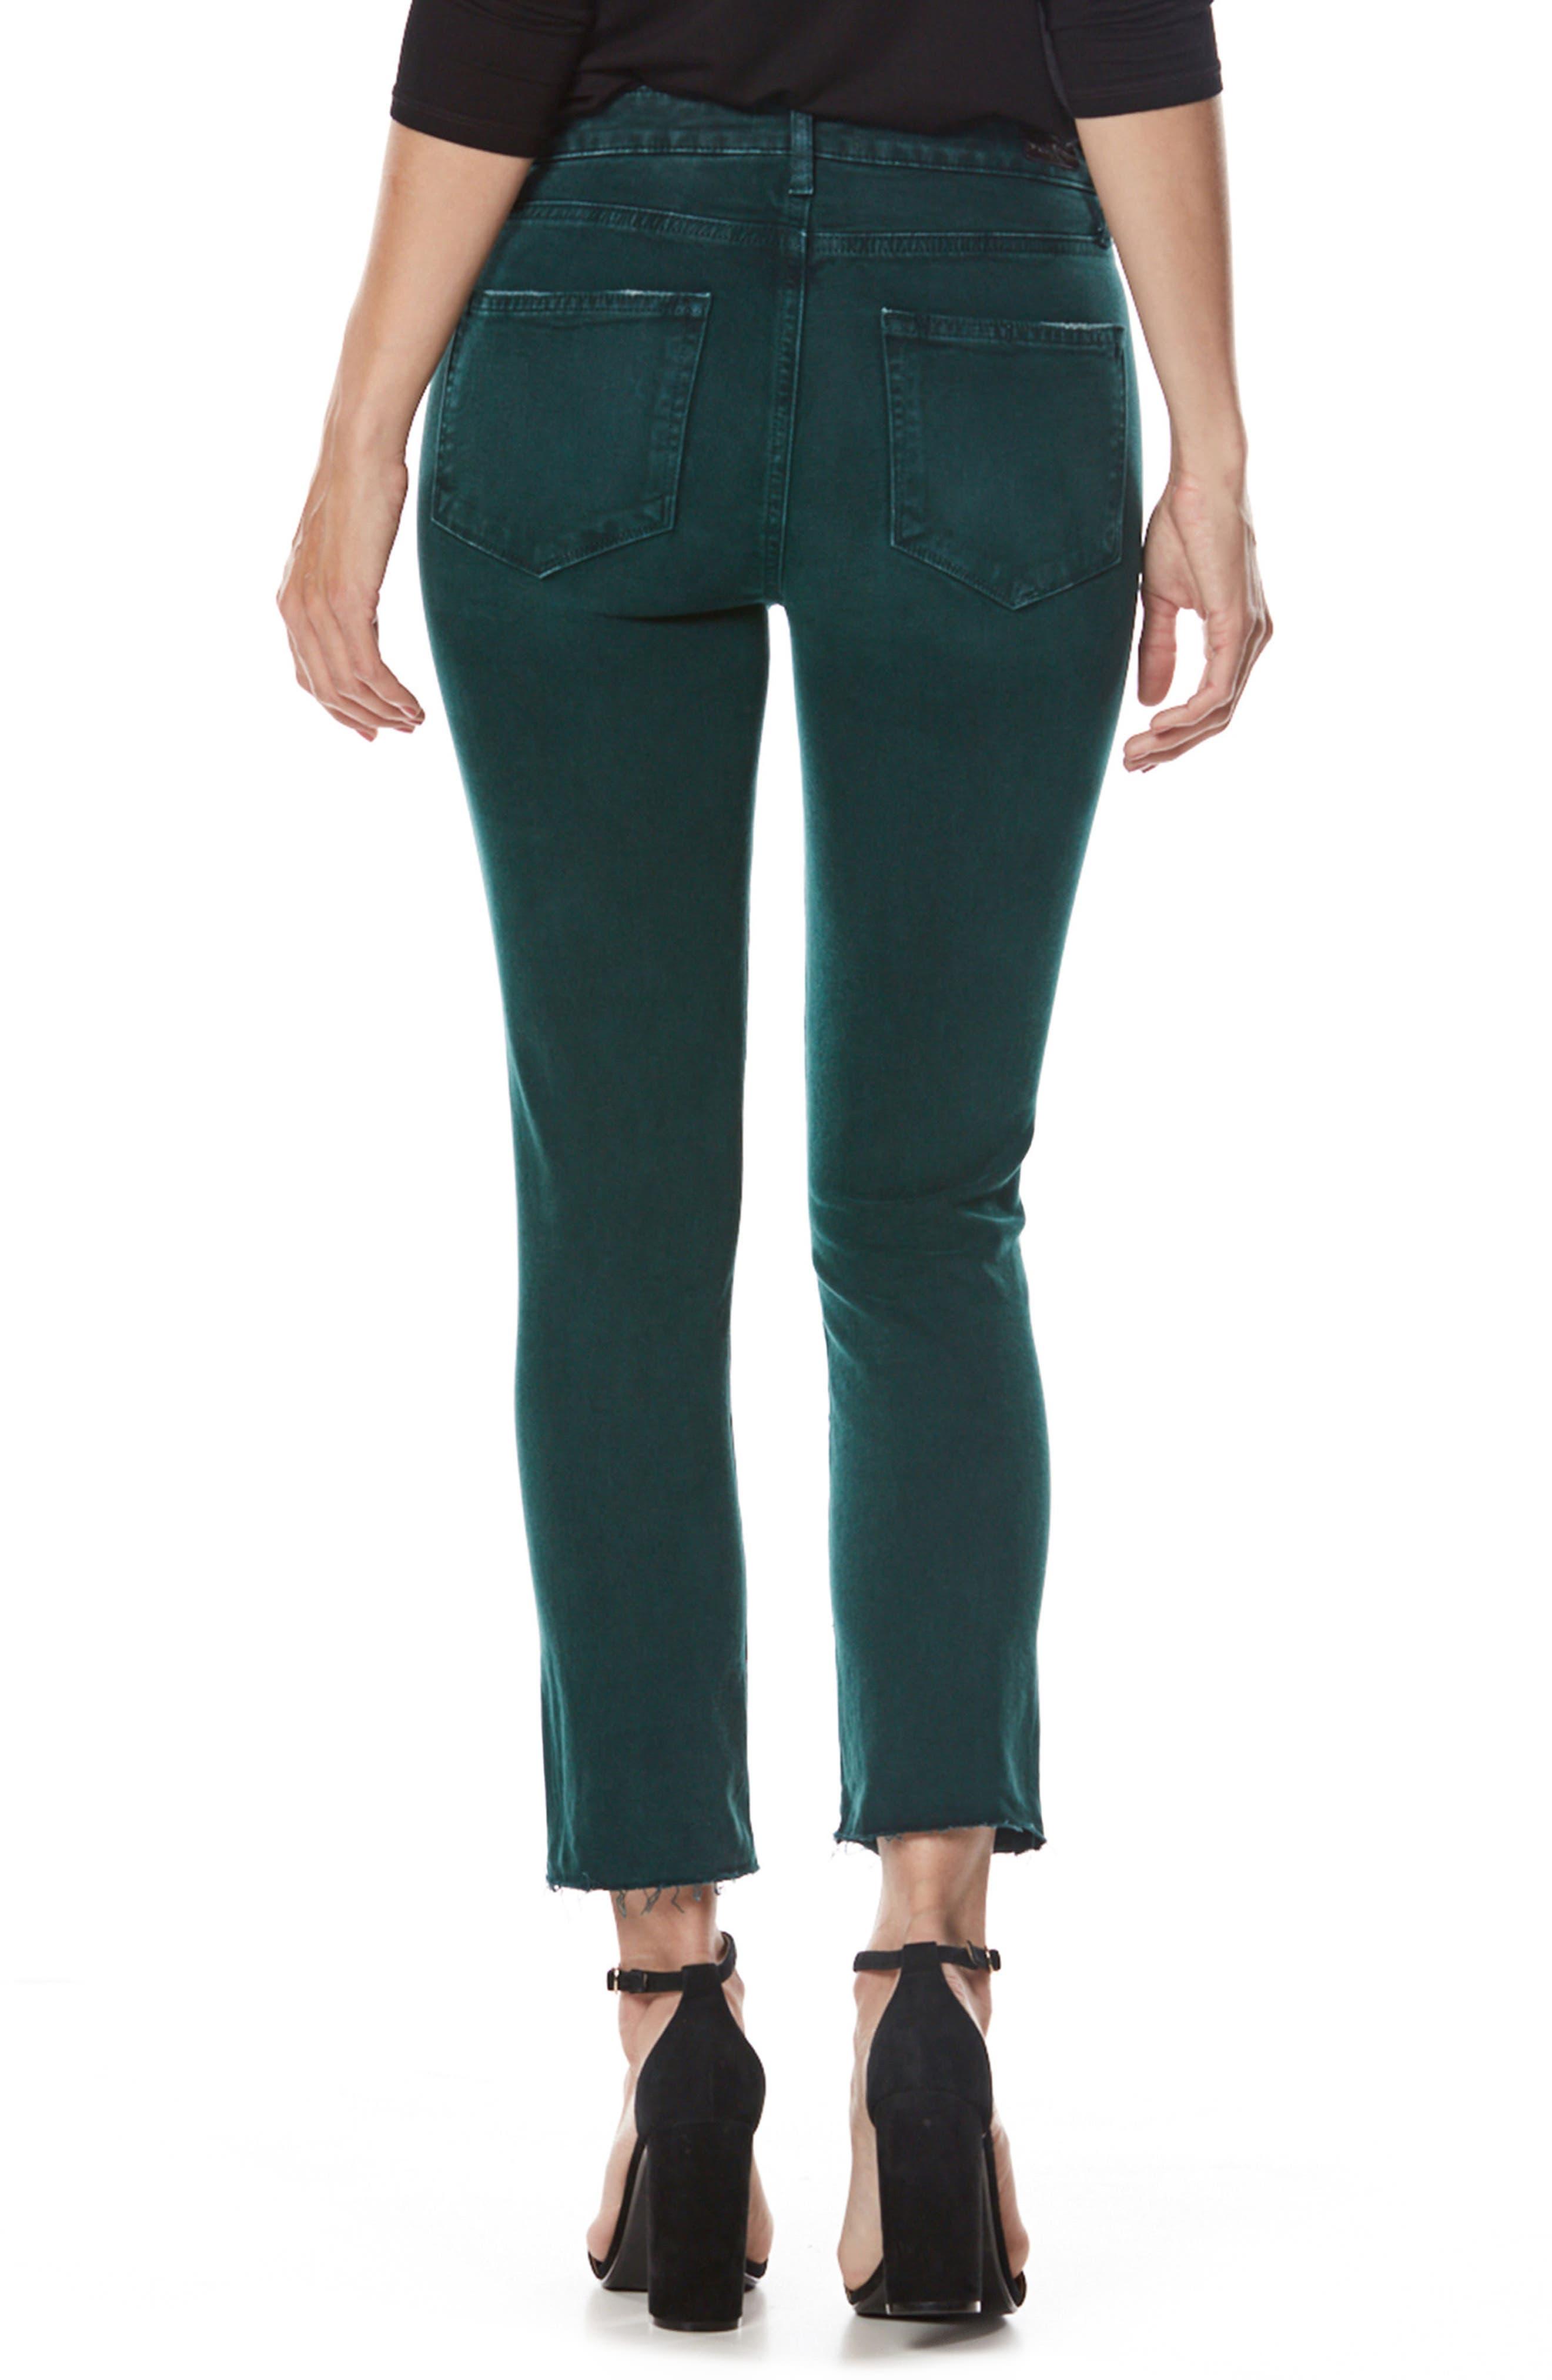 Jacqueline High Waist Crop Straight Leg Jeans,                             Alternate thumbnail 2, color,                             499